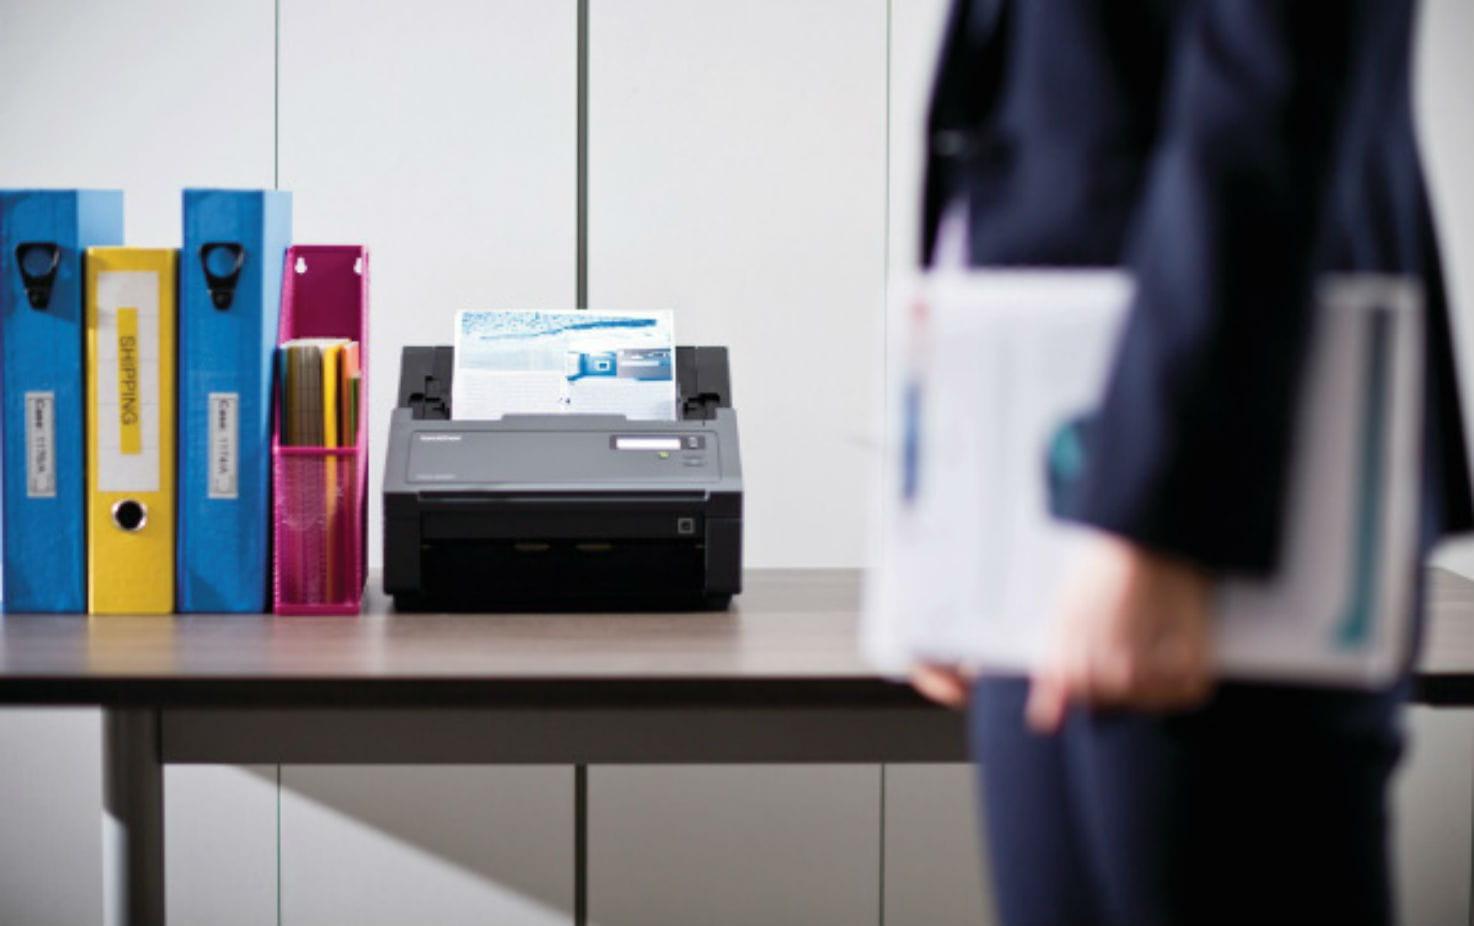 Escáner Brother junto a archivadores de colores